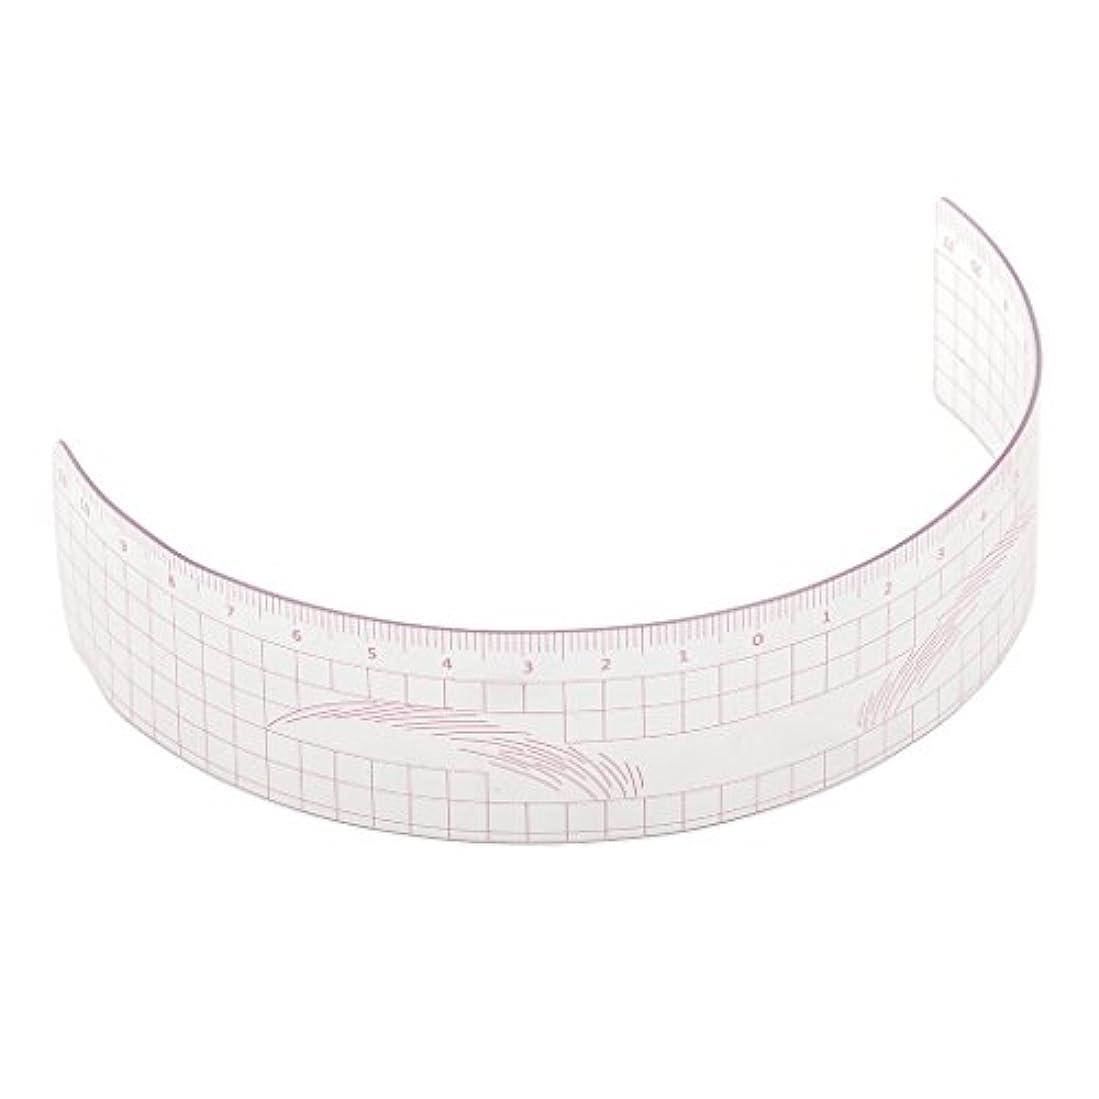 一緒泣き叫ぶ床眉毛の定規 眉毛ステンシル 眉毛ルーラー 測定用 ルーラー マイクロブレード 再利用可能 全3色 - ピンク